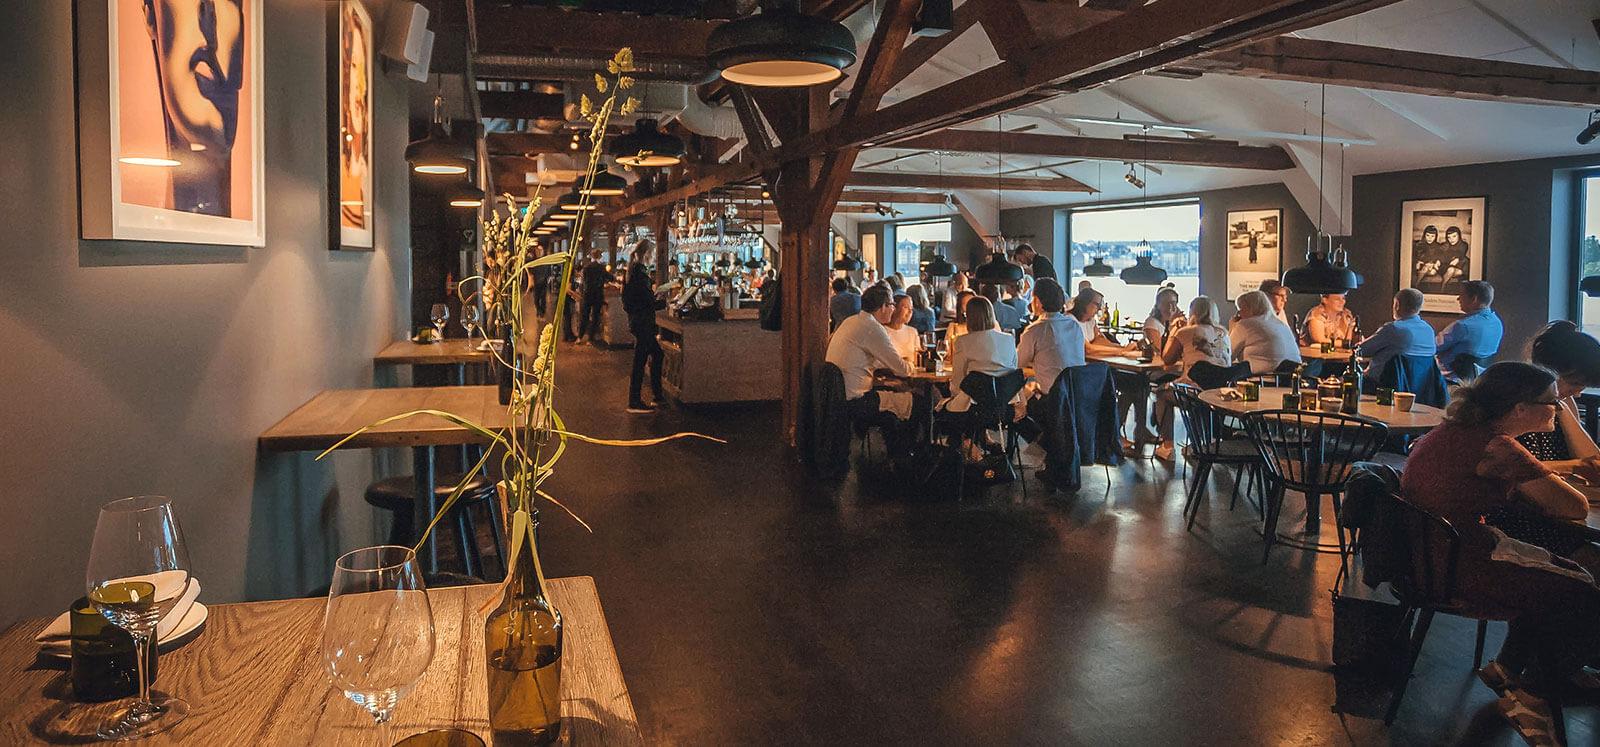 Restaurant Interior Dublin